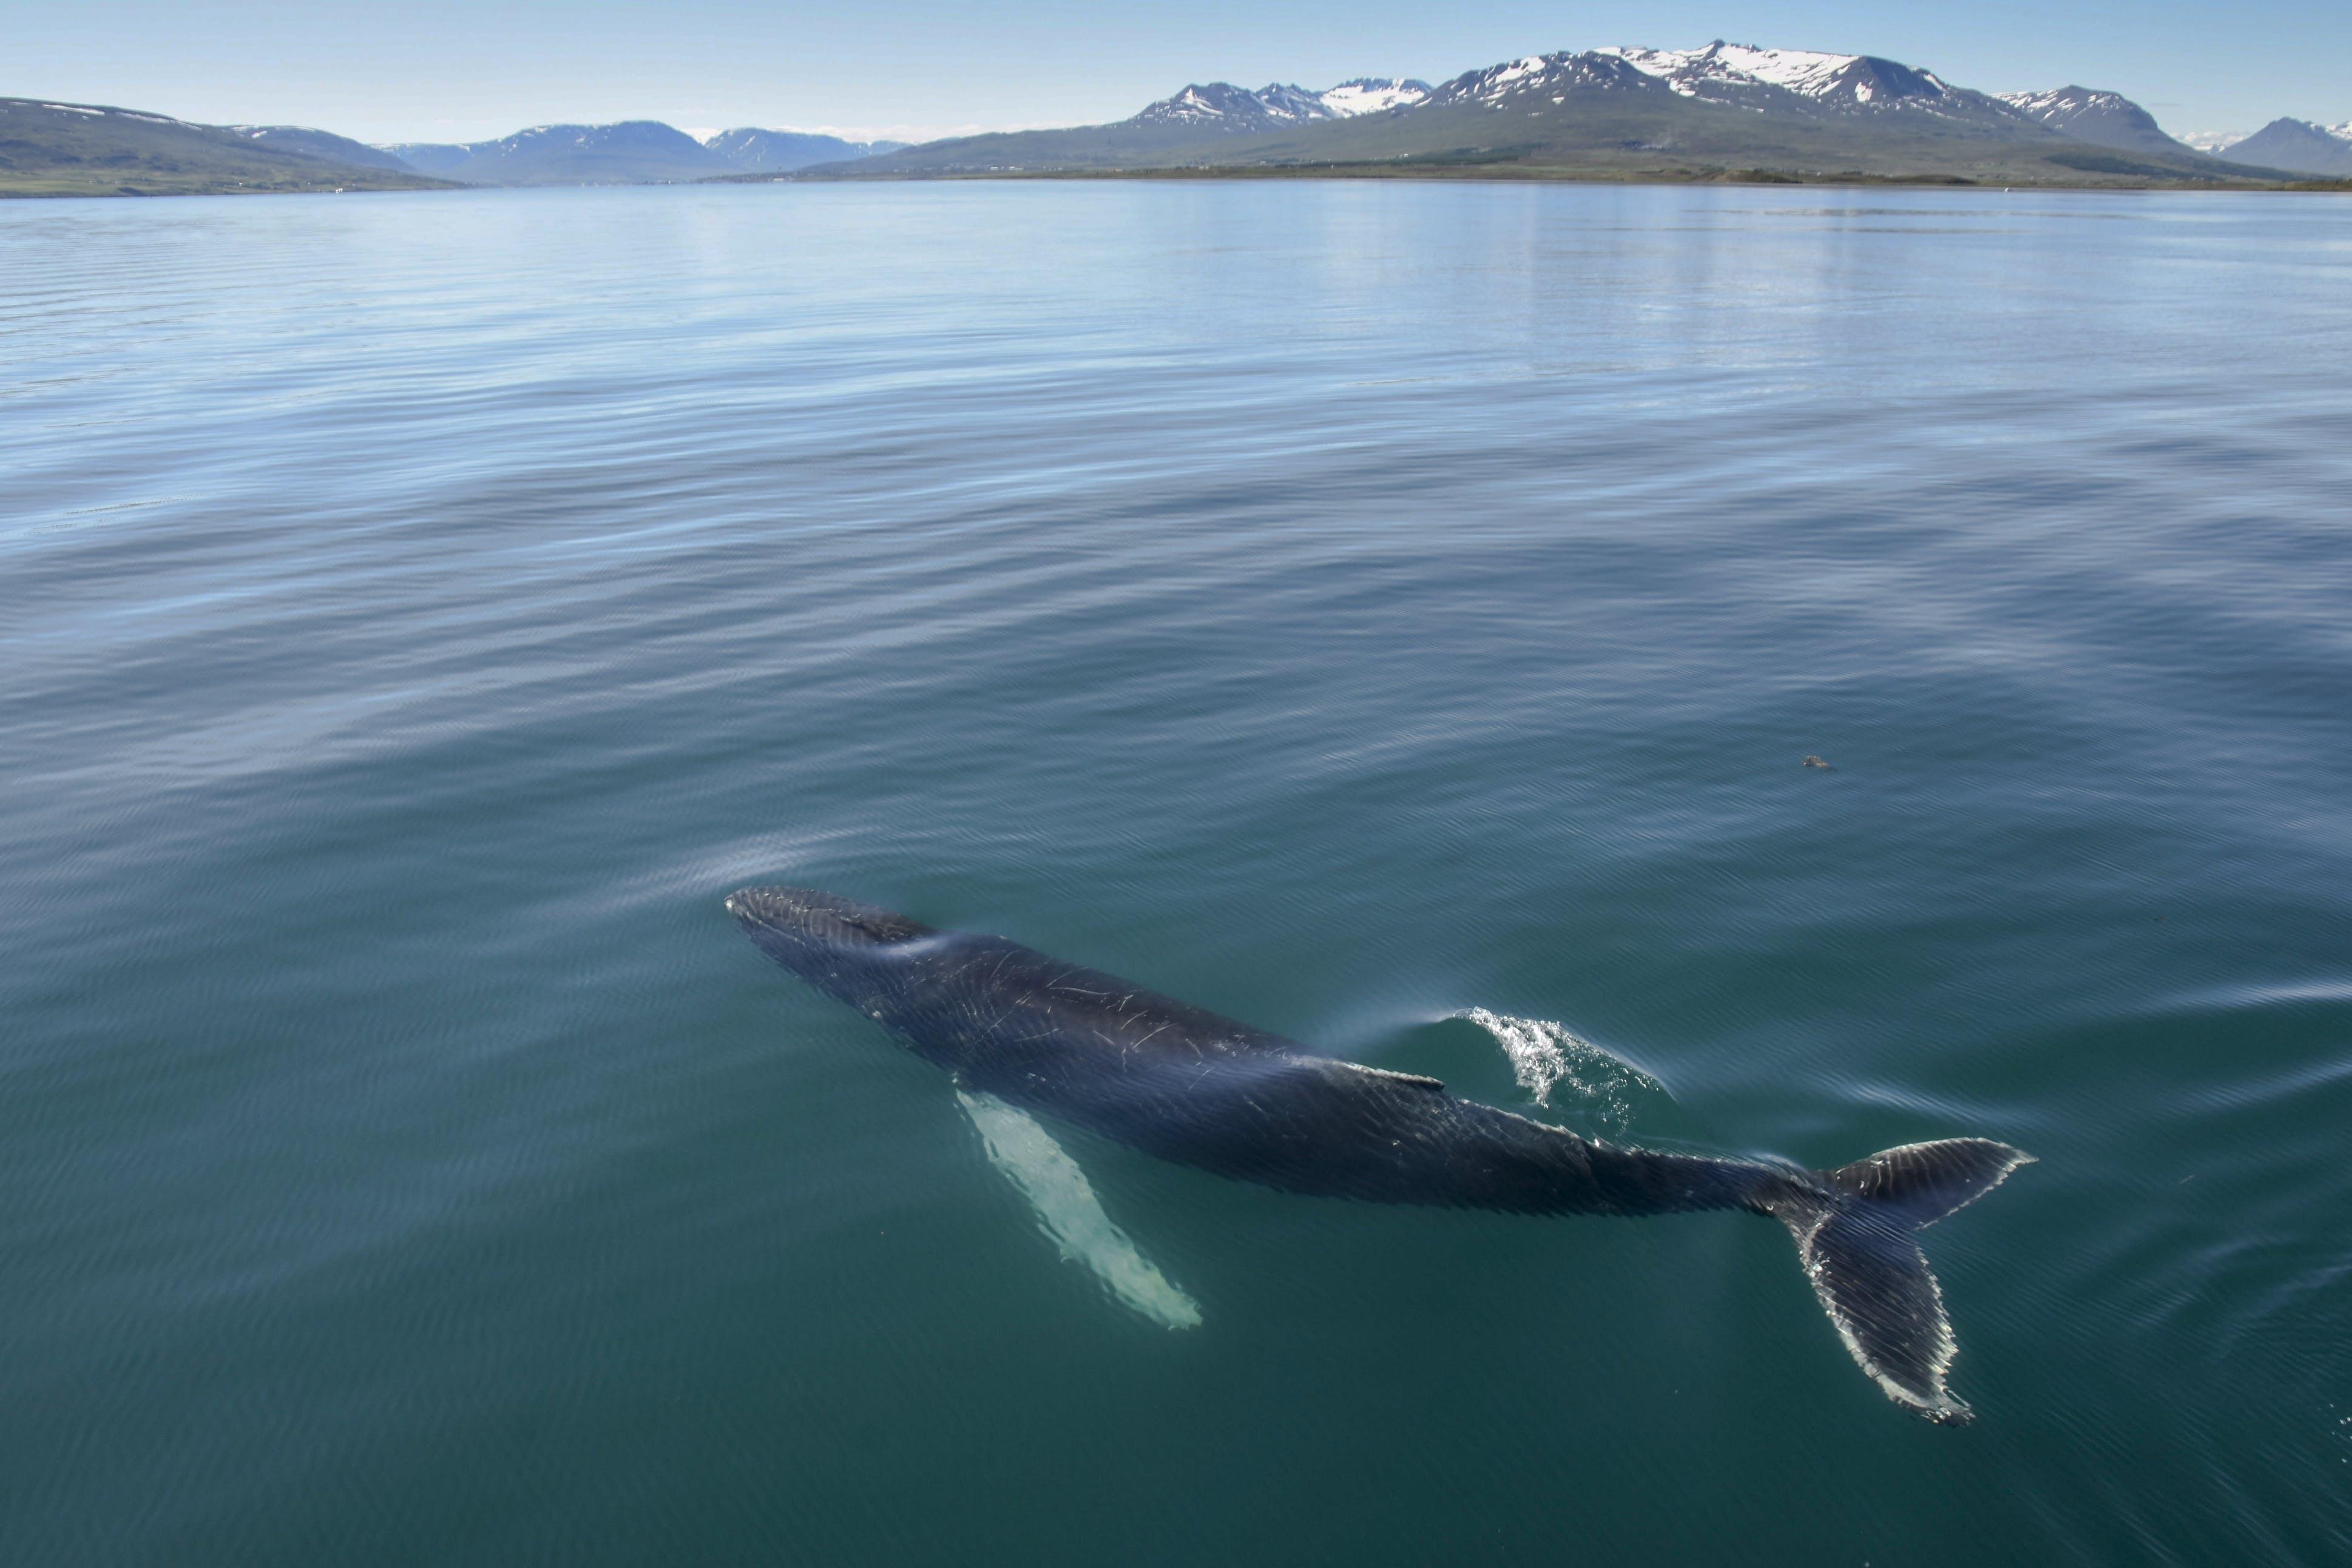 Vous pouvez participer à une excursion d'observation des baleines au départ d'Akureyri, une ville du nord du pays.